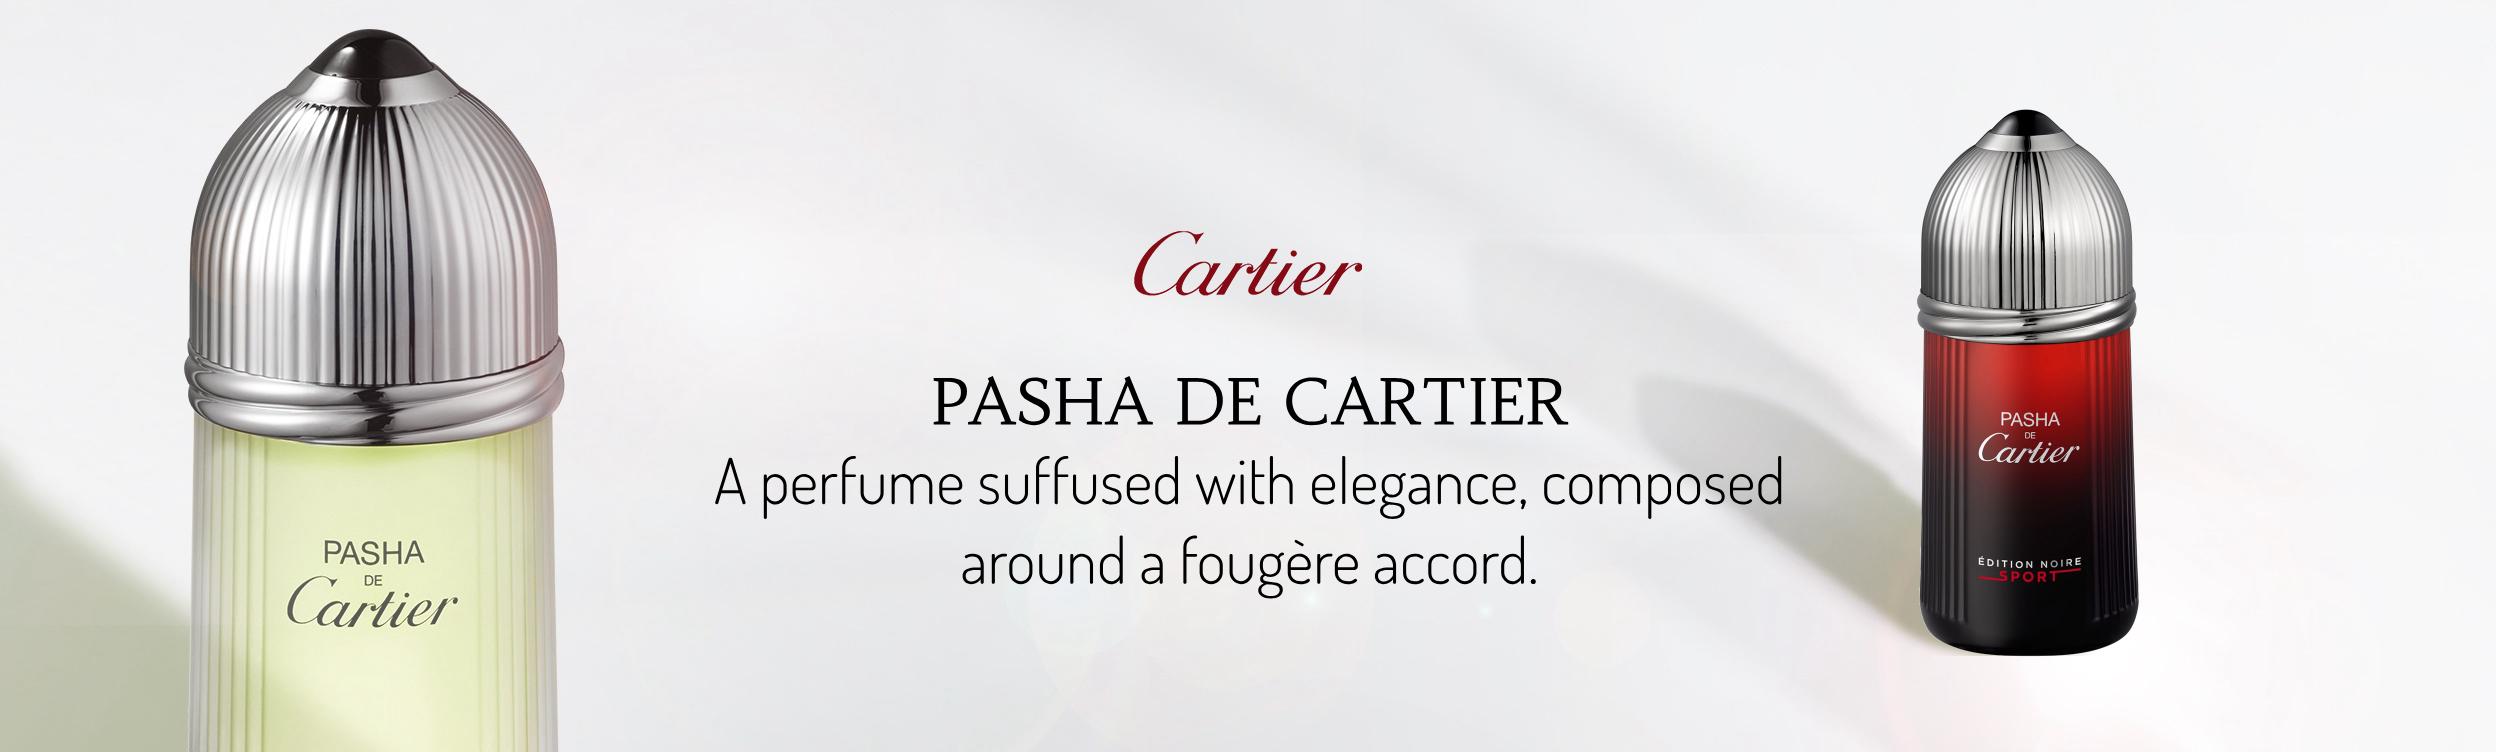 Edt Cartier De 100ml Noire For Edition Men Ibfyv6gy7 Set Pasha UzMpSV